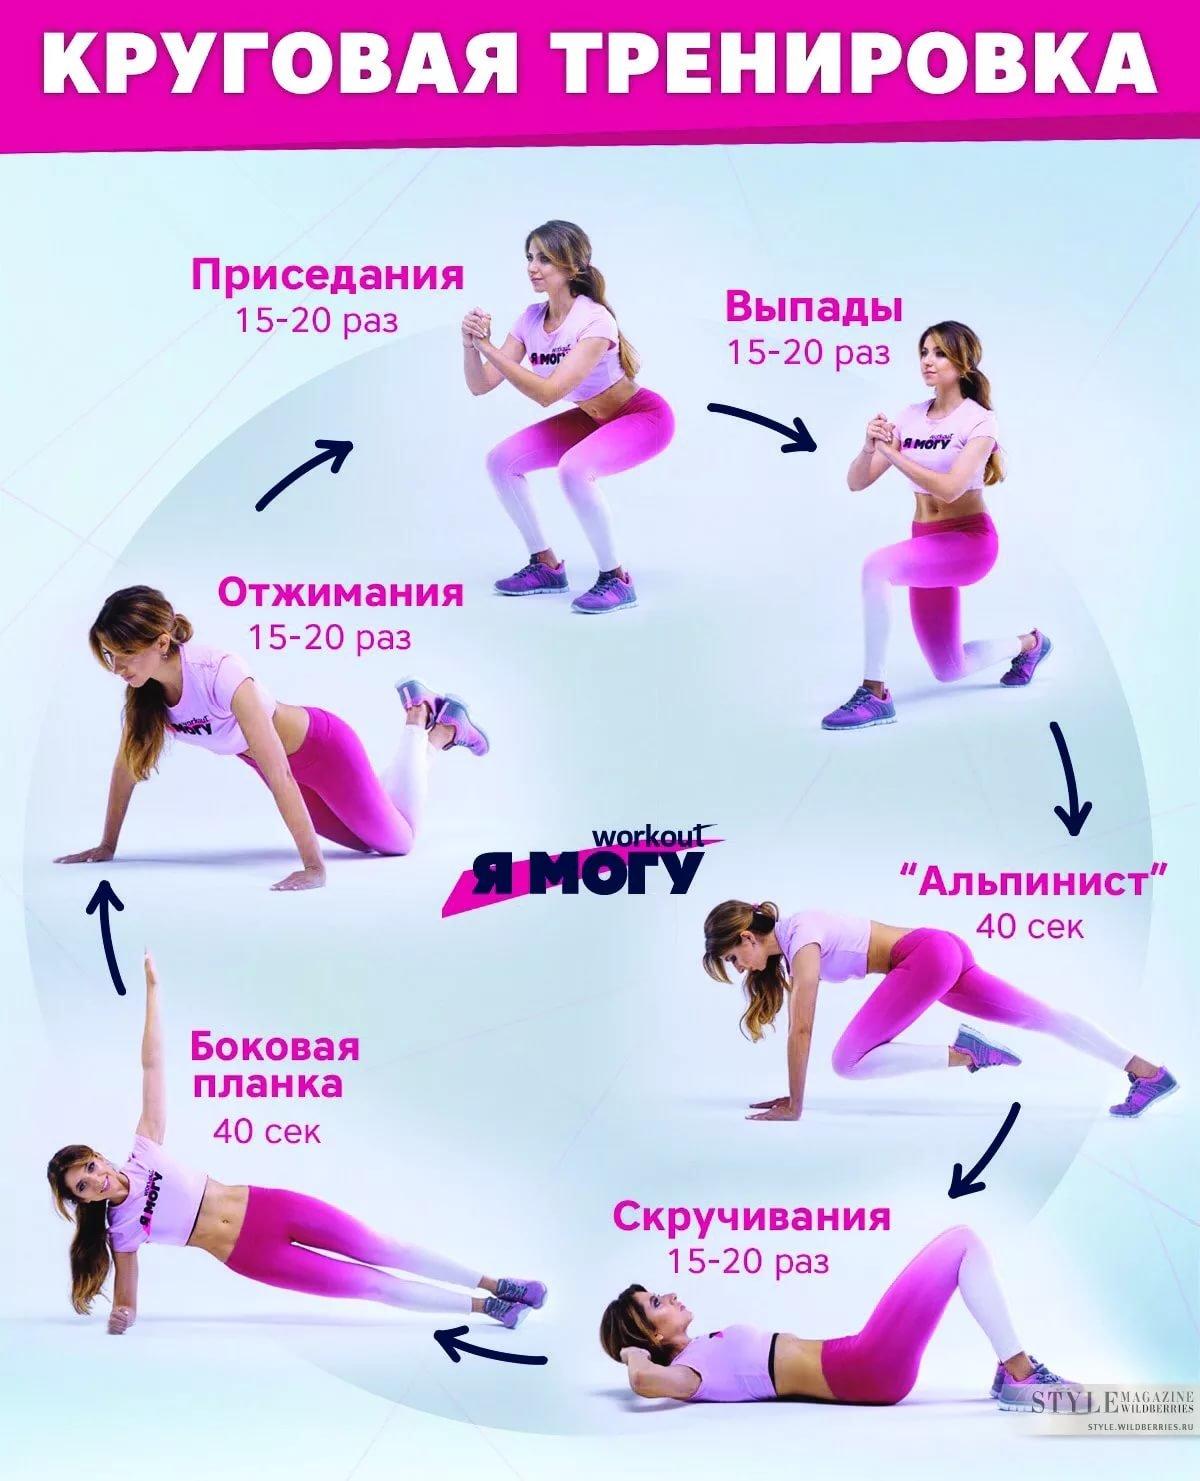 Начальная Тренировка Для Похудения.